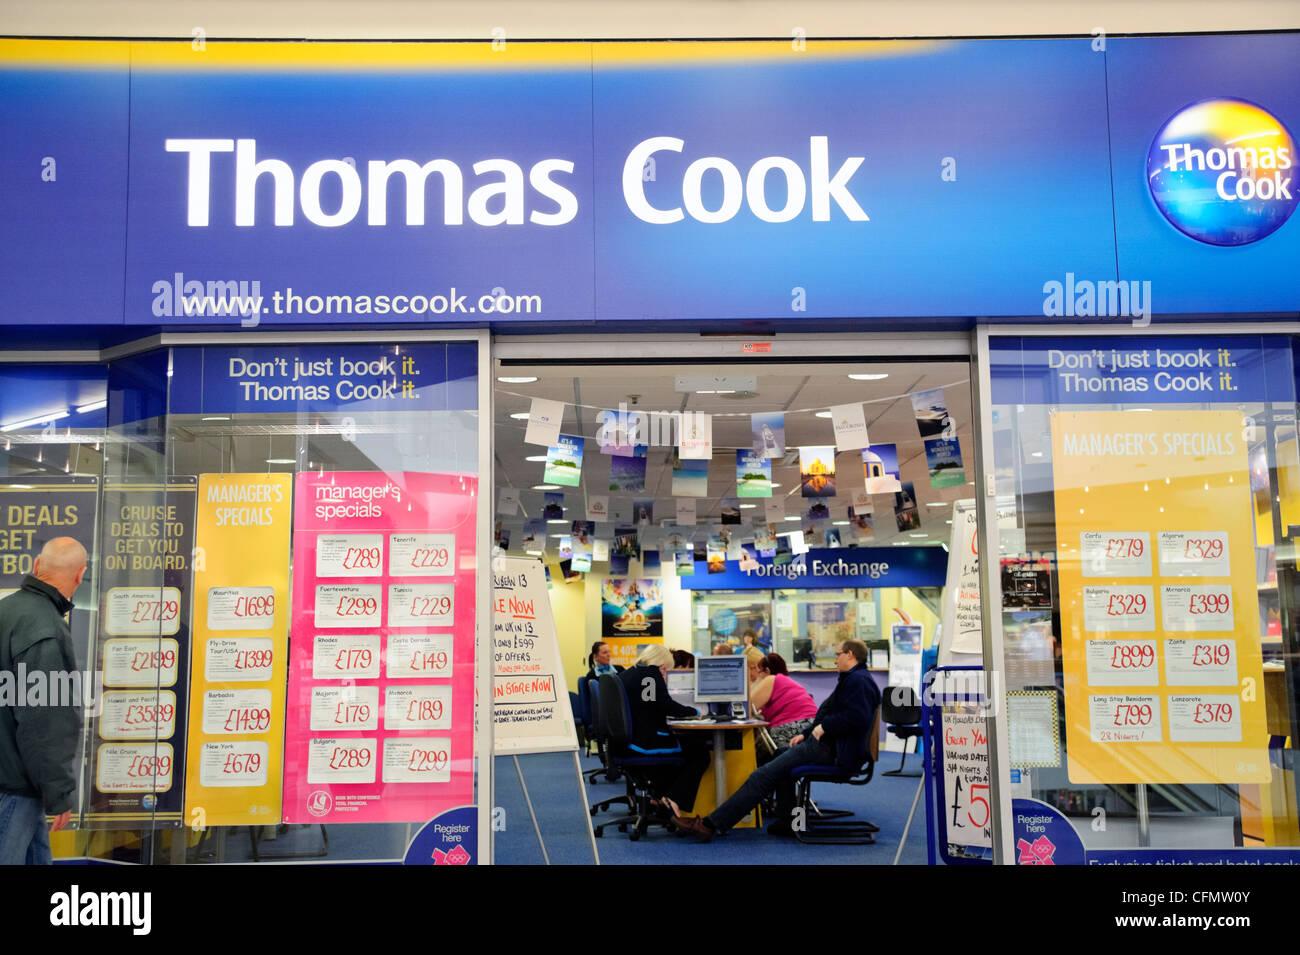 Thomas Cook Agenti di viaggio a Merry Hill shopping centre, West Midlands, Regno Unito. Immagini Stock